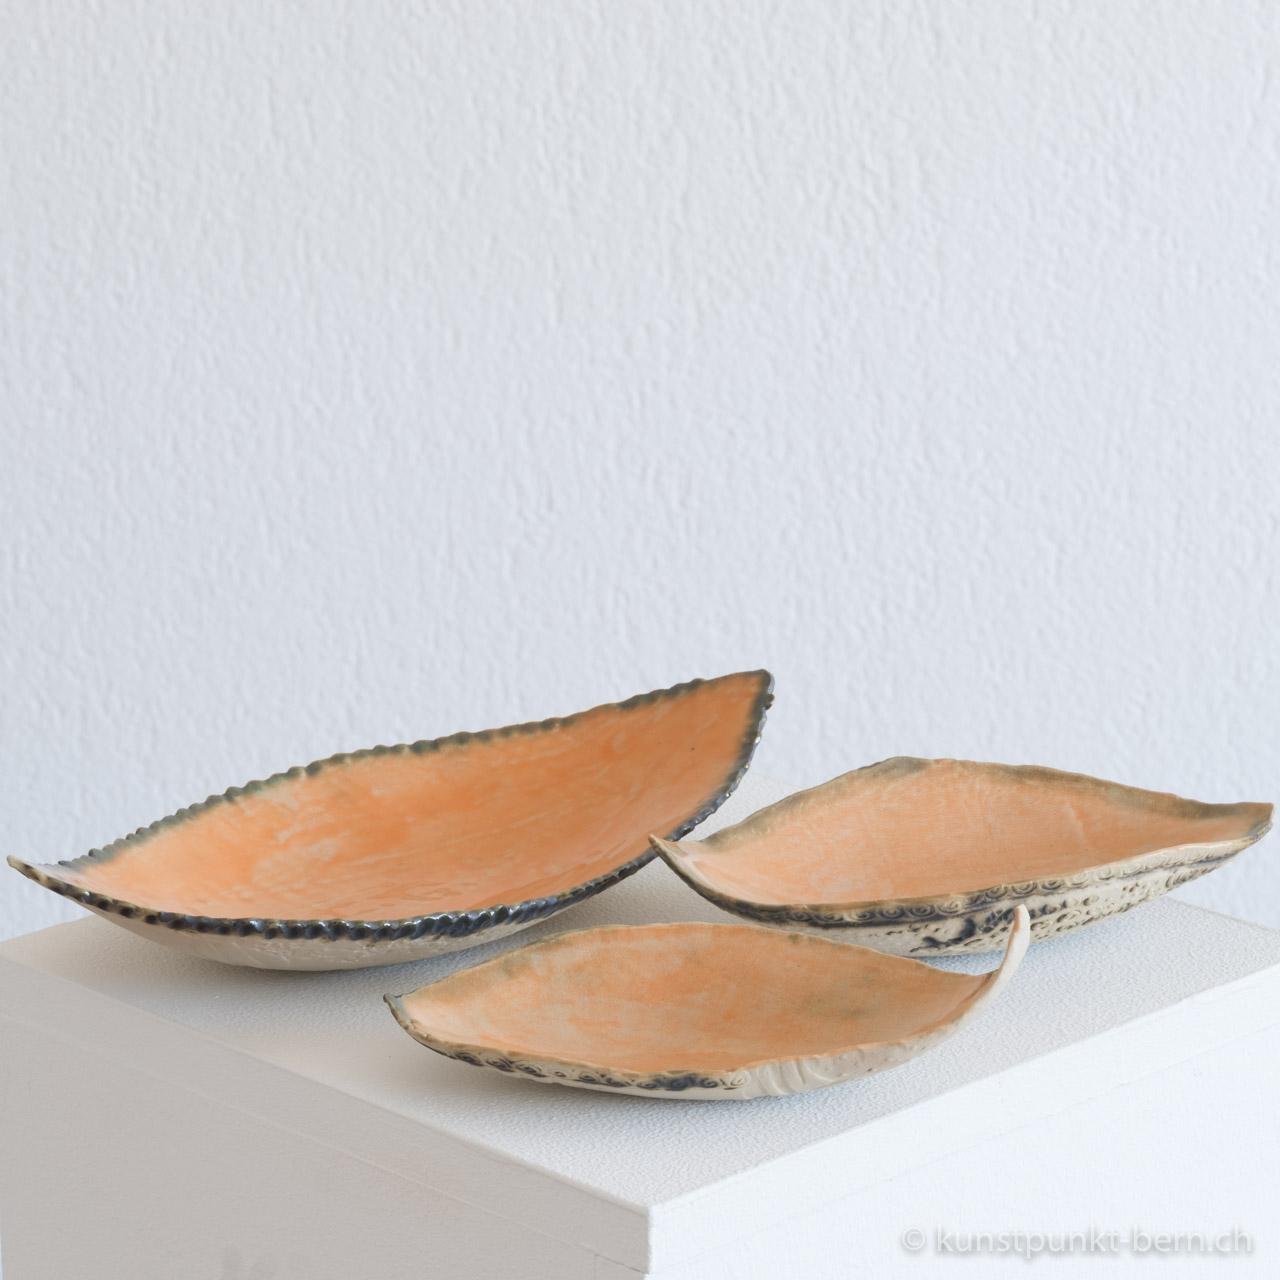 Coquille orange Tongefäss von Judith Kaffka kunstpunkt-bern.ch